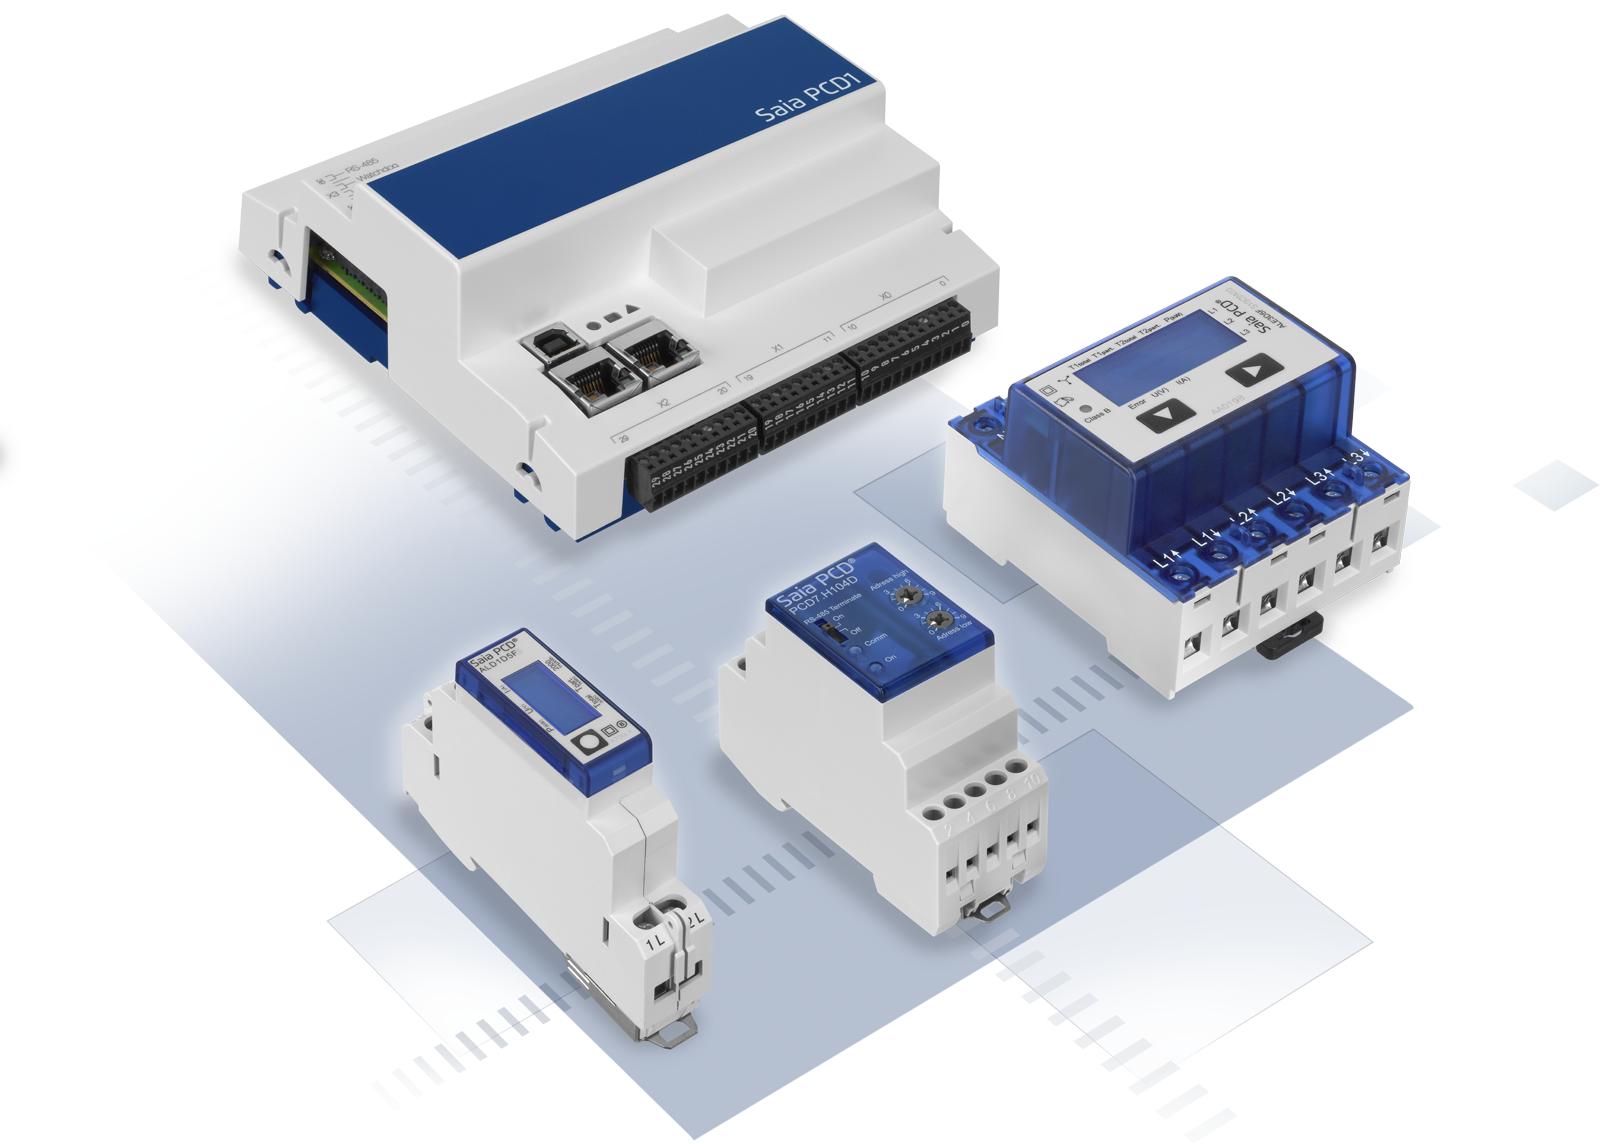 S-Monitoring_Liczniki_energii_SBC_ALE3_ALD1_AWD3_PCD7.H104D_PCD1.M0160E0